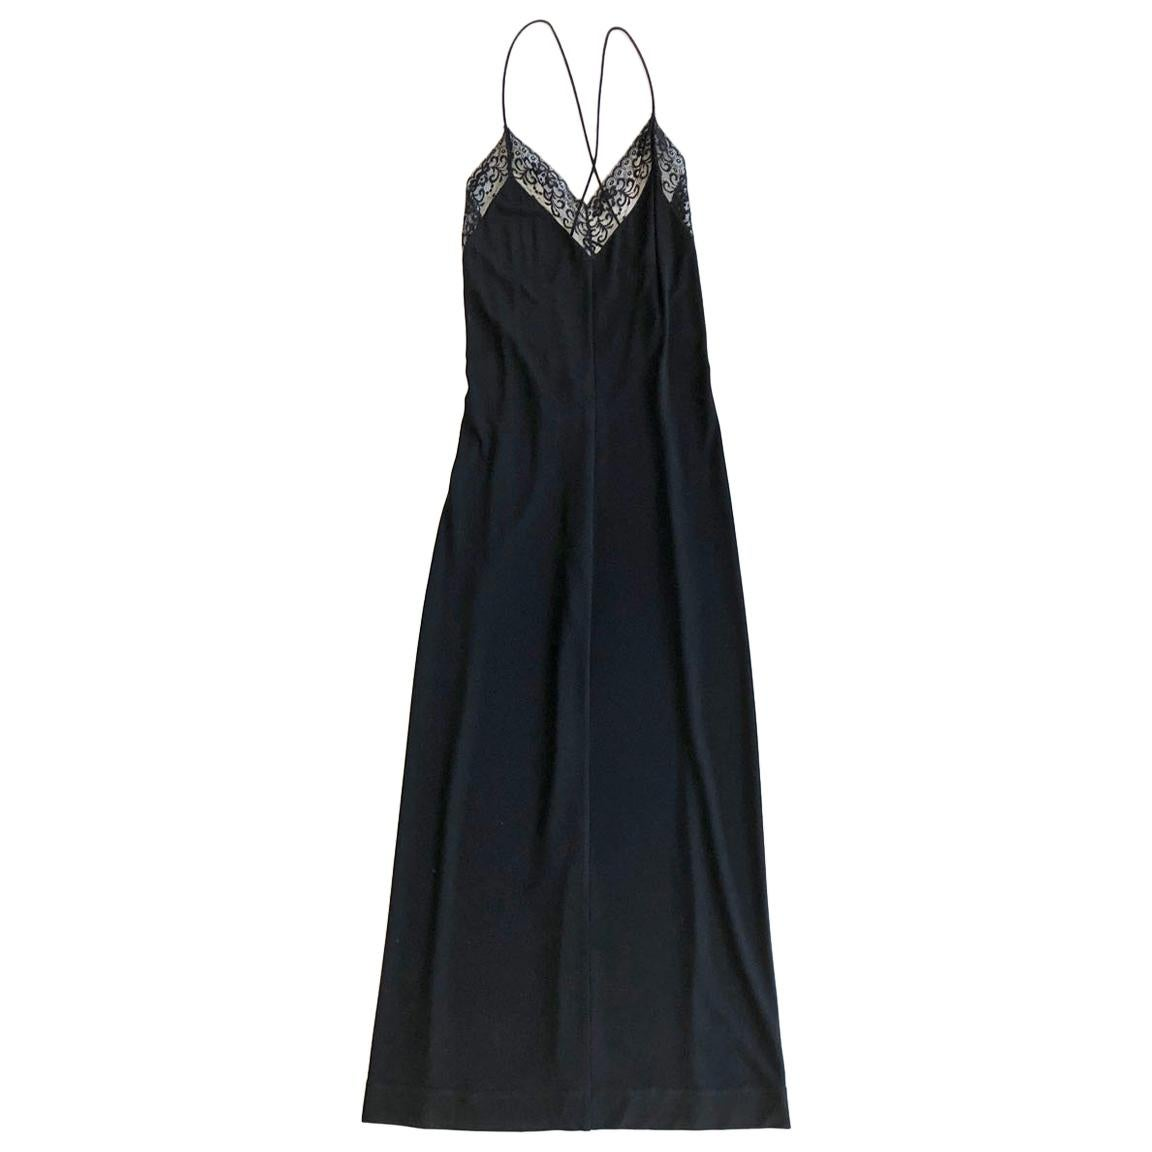 Dolce & Gabbana slip dress